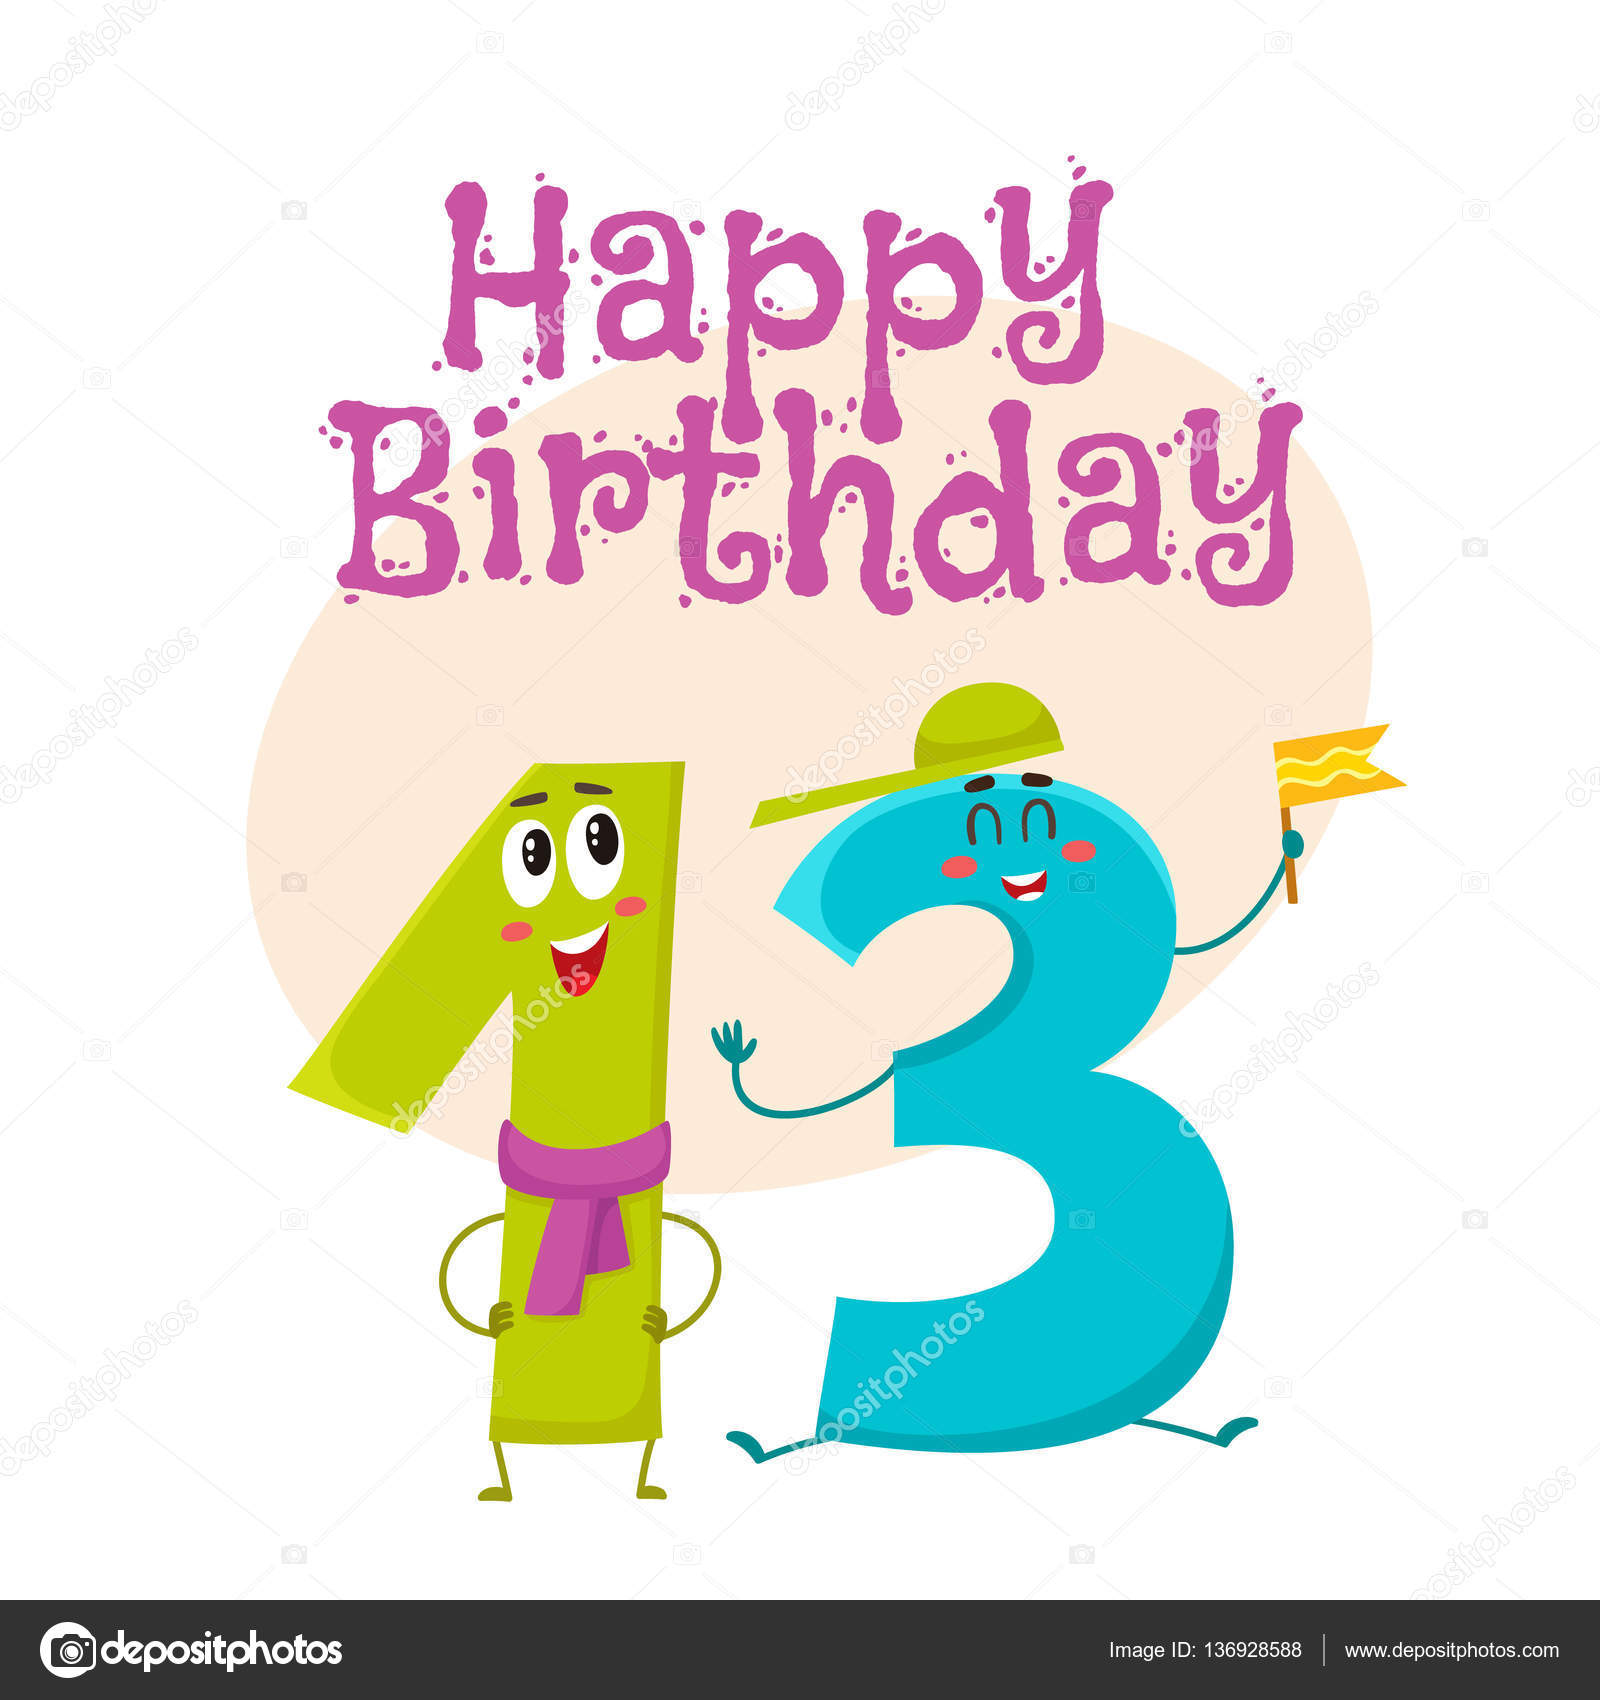 Happy birthday vector greeting card design with thirteen number happy birthday vector greeting card design with thirteen number characters stock vector kristyandbryce Gallery